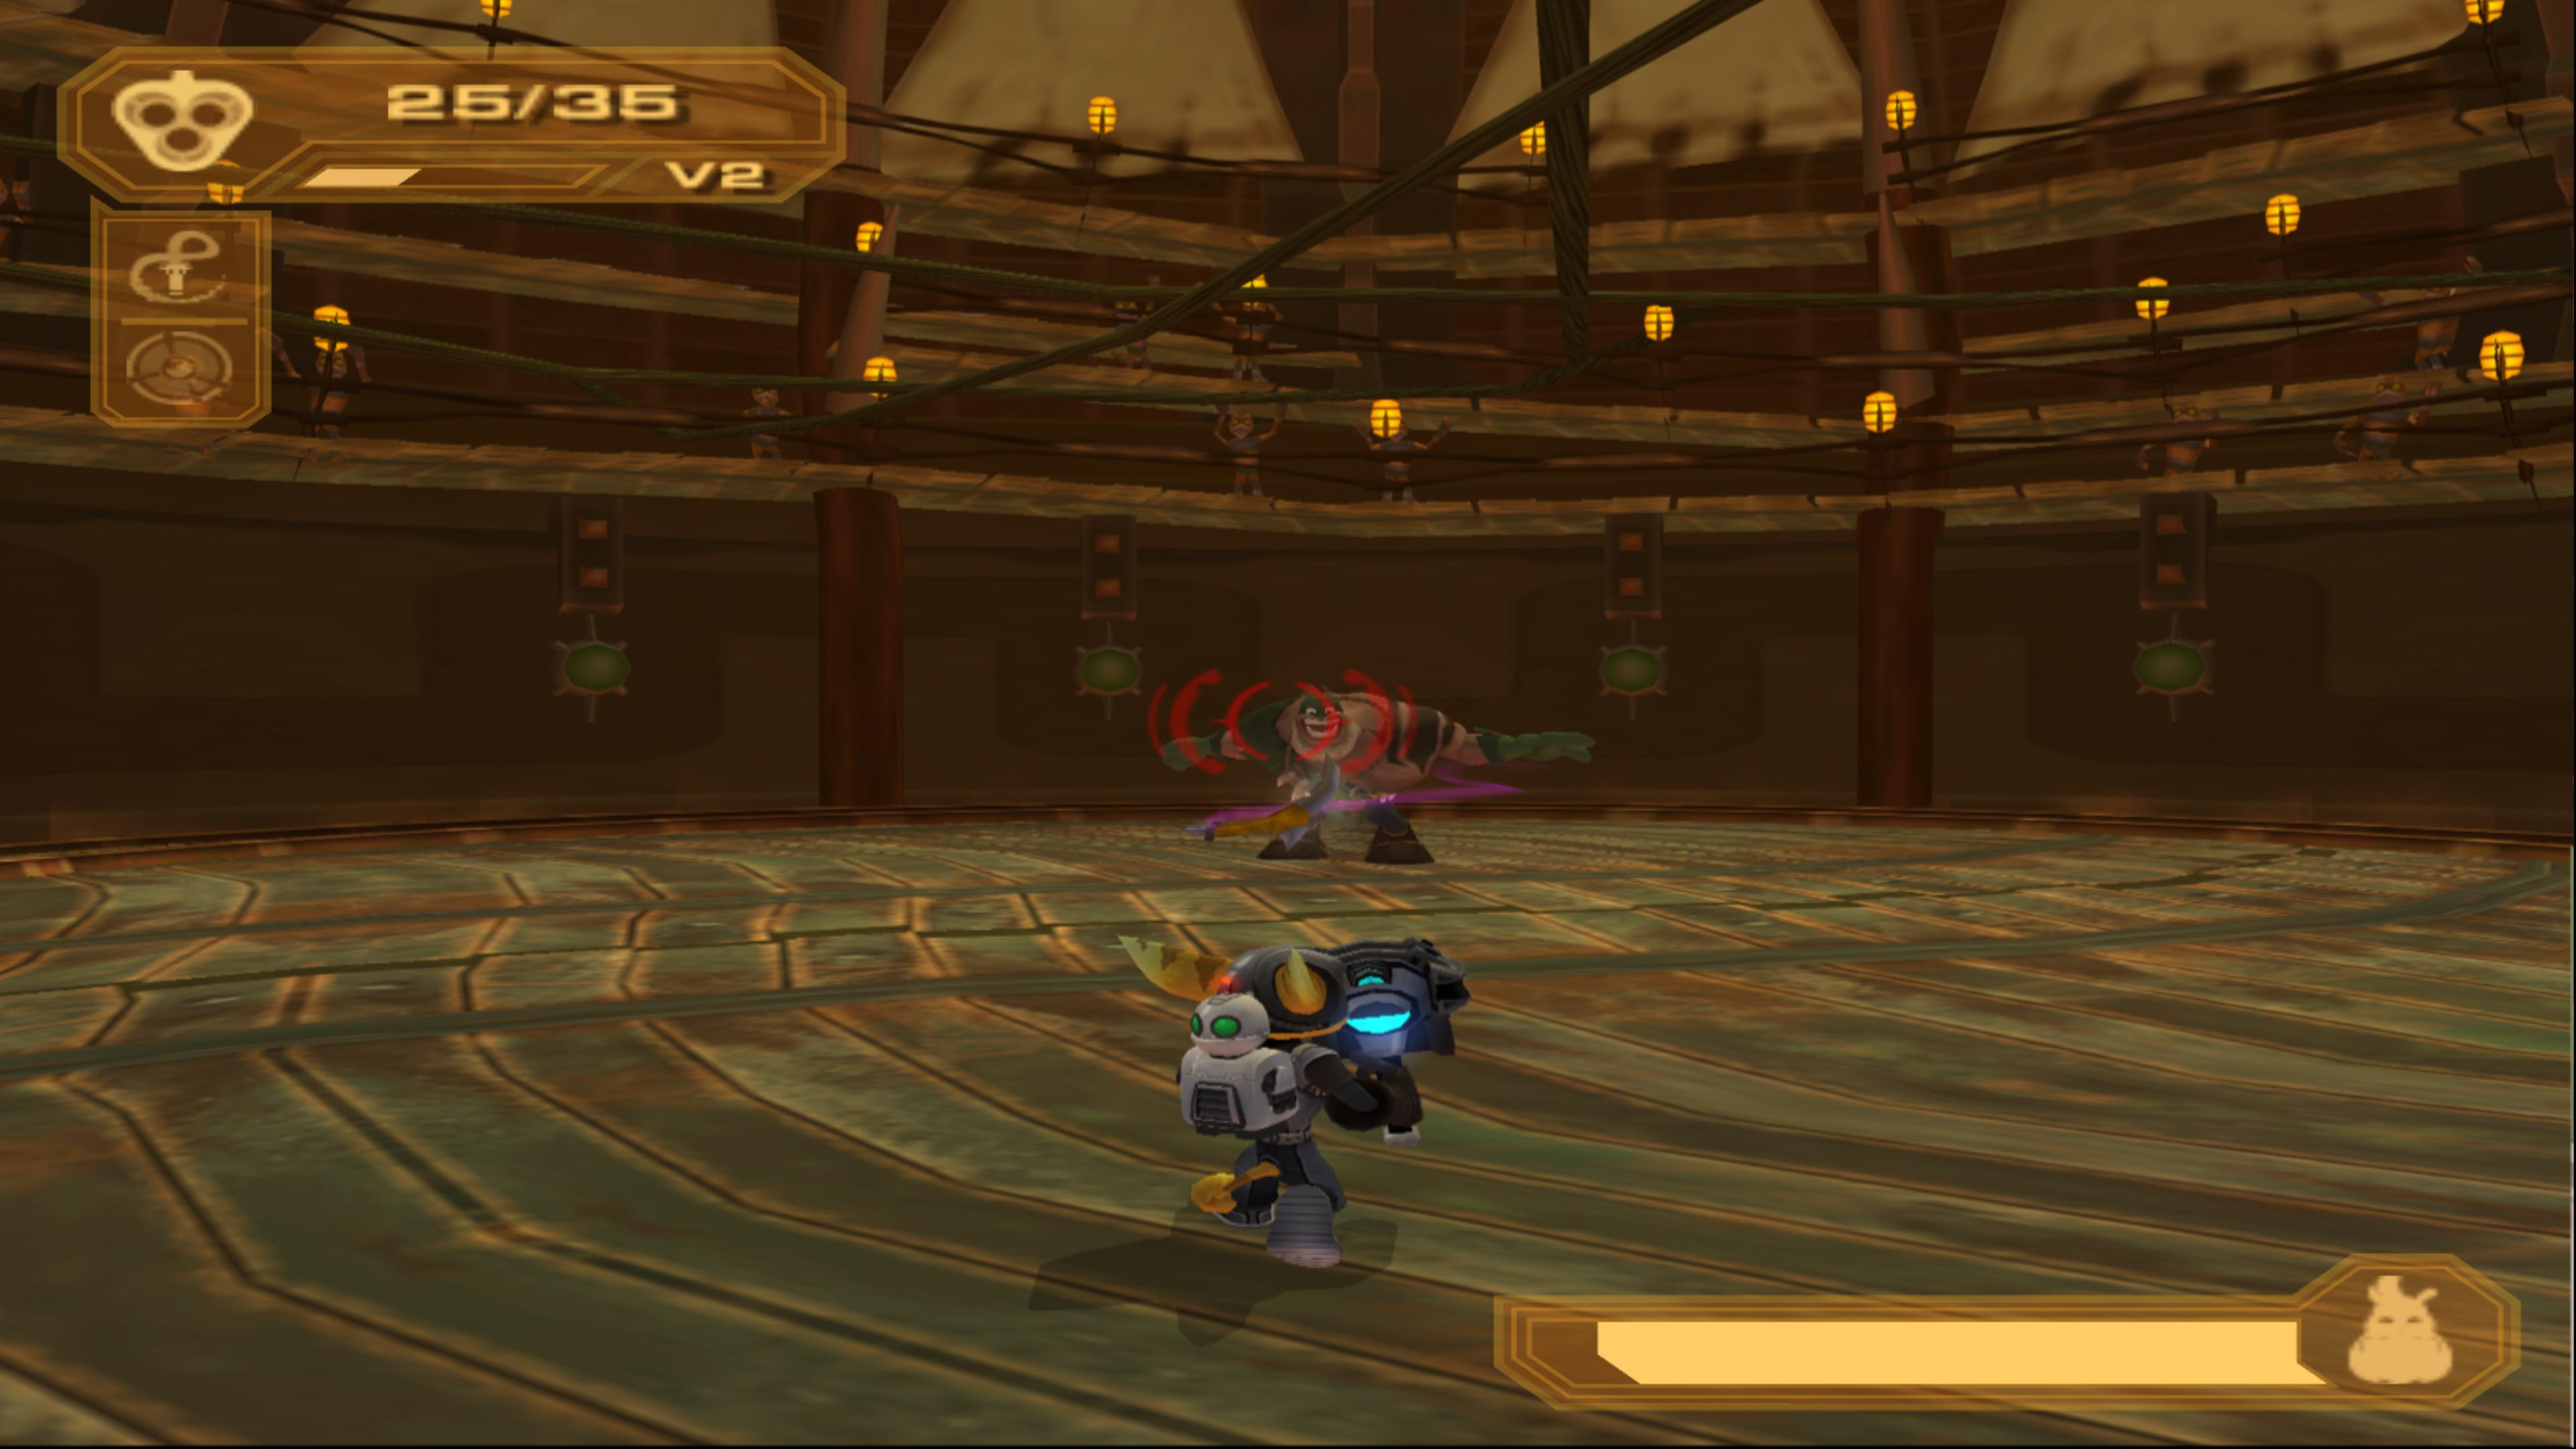 Defeat Captain Qwark